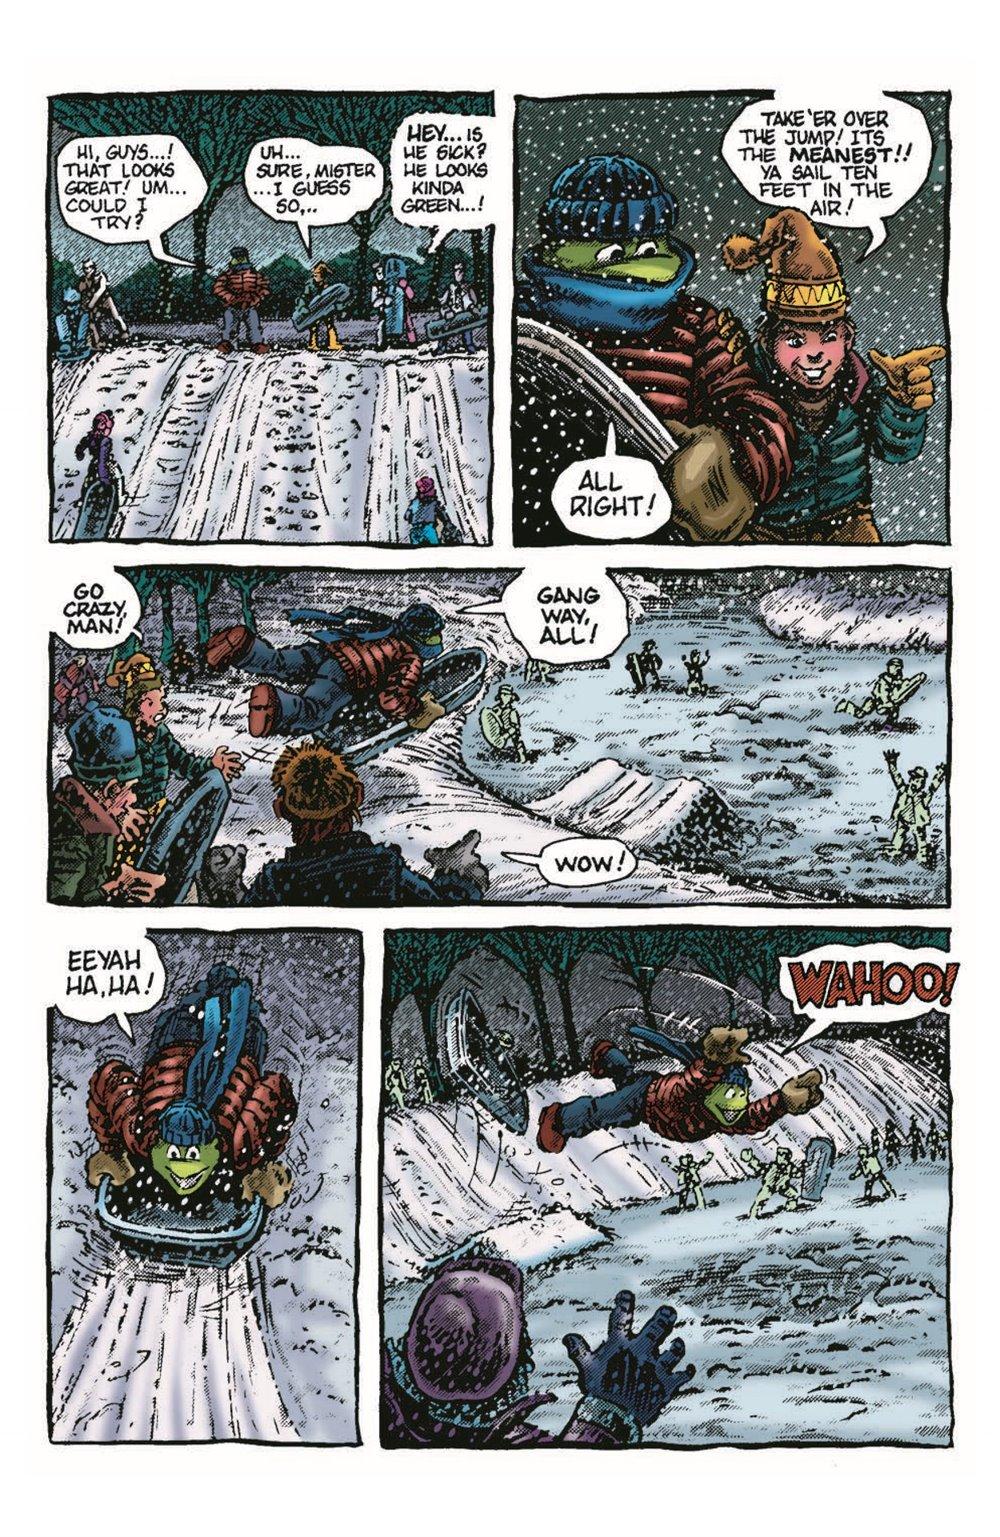 TMNT-Bestof-Mike_pr-5 ComicList Previews: TEENAGE MUTANT NINJA TURTLES BEST OF MICHELANGELO #1